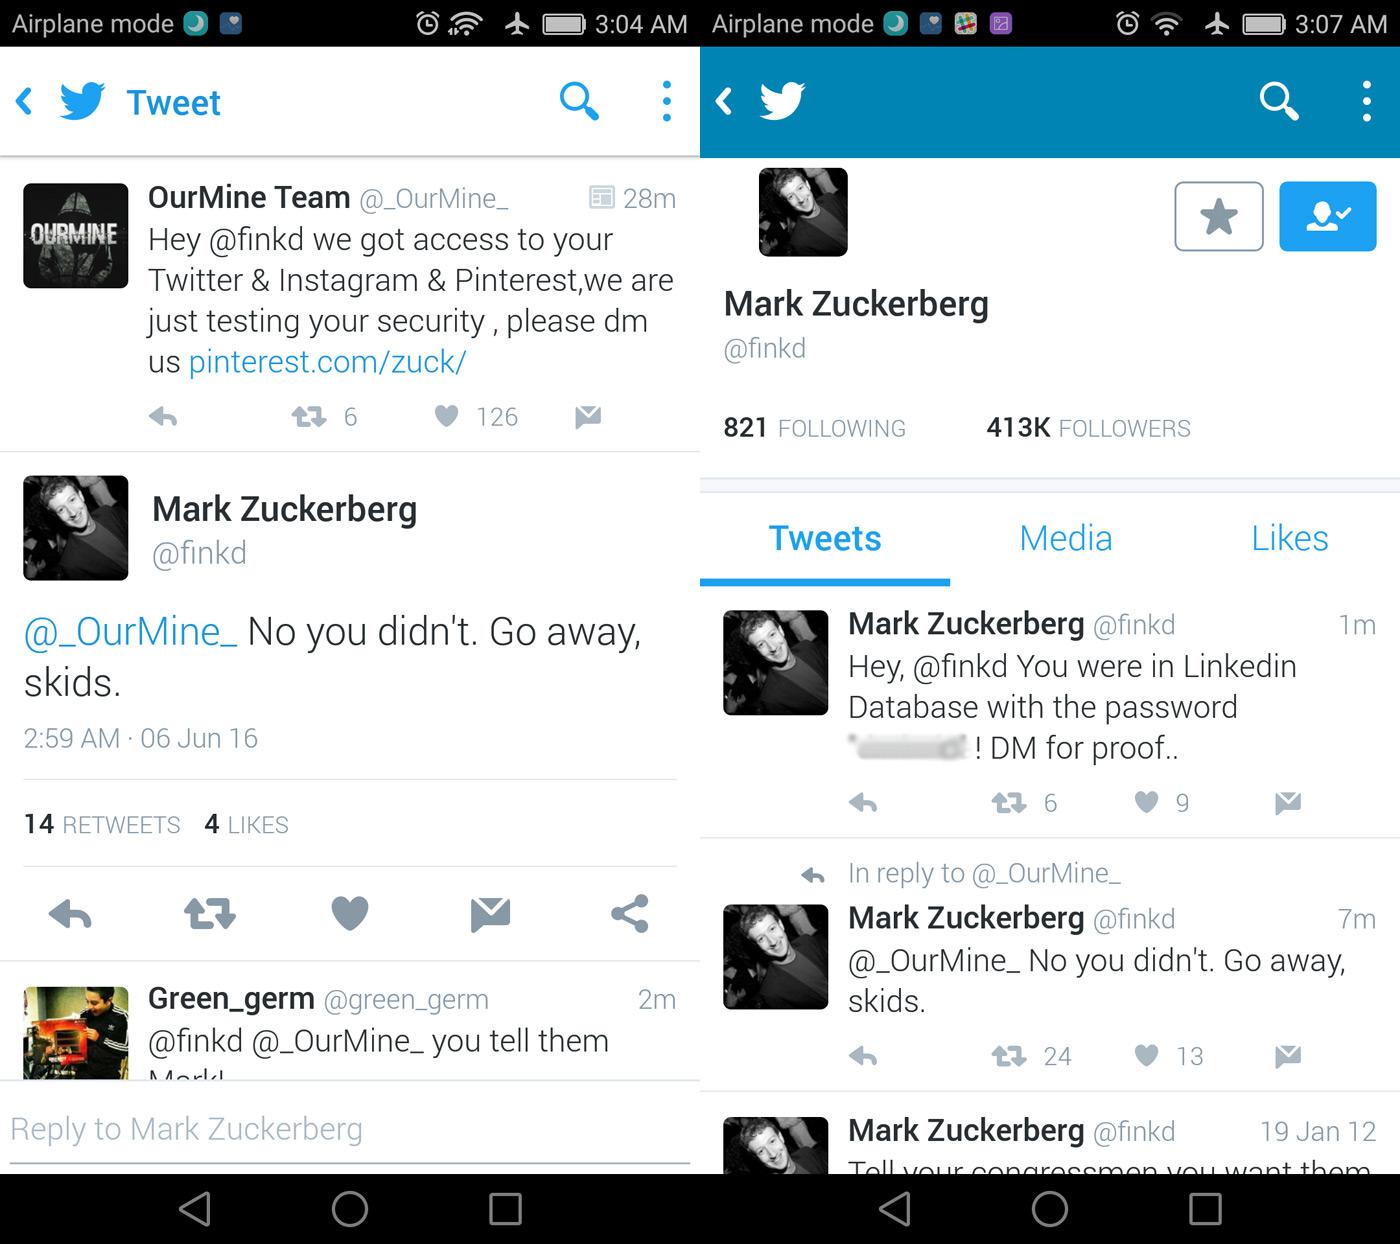 Twitter Mark Zuckerberg OurMine